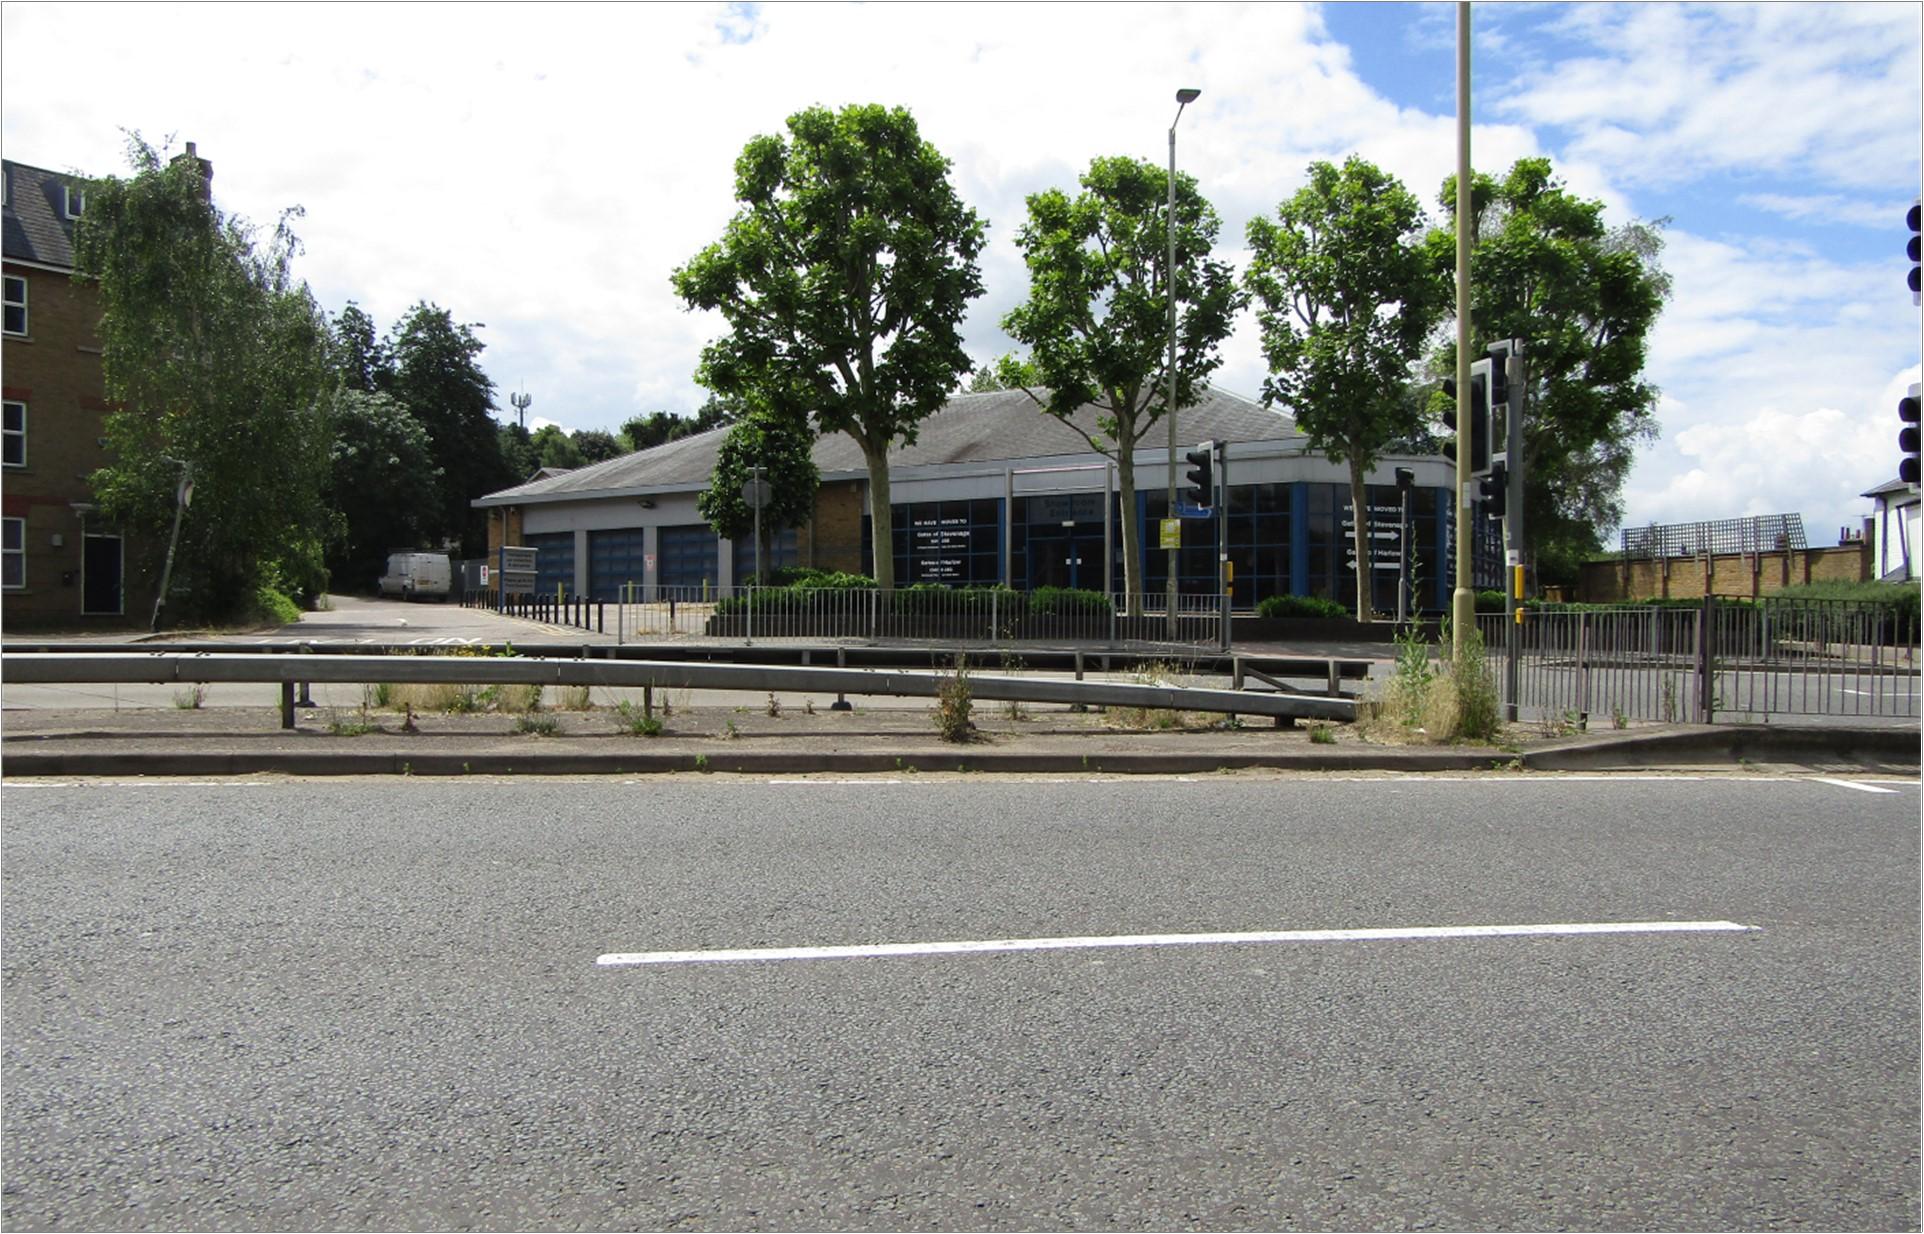 Gascoyne Way (A414), Hertford